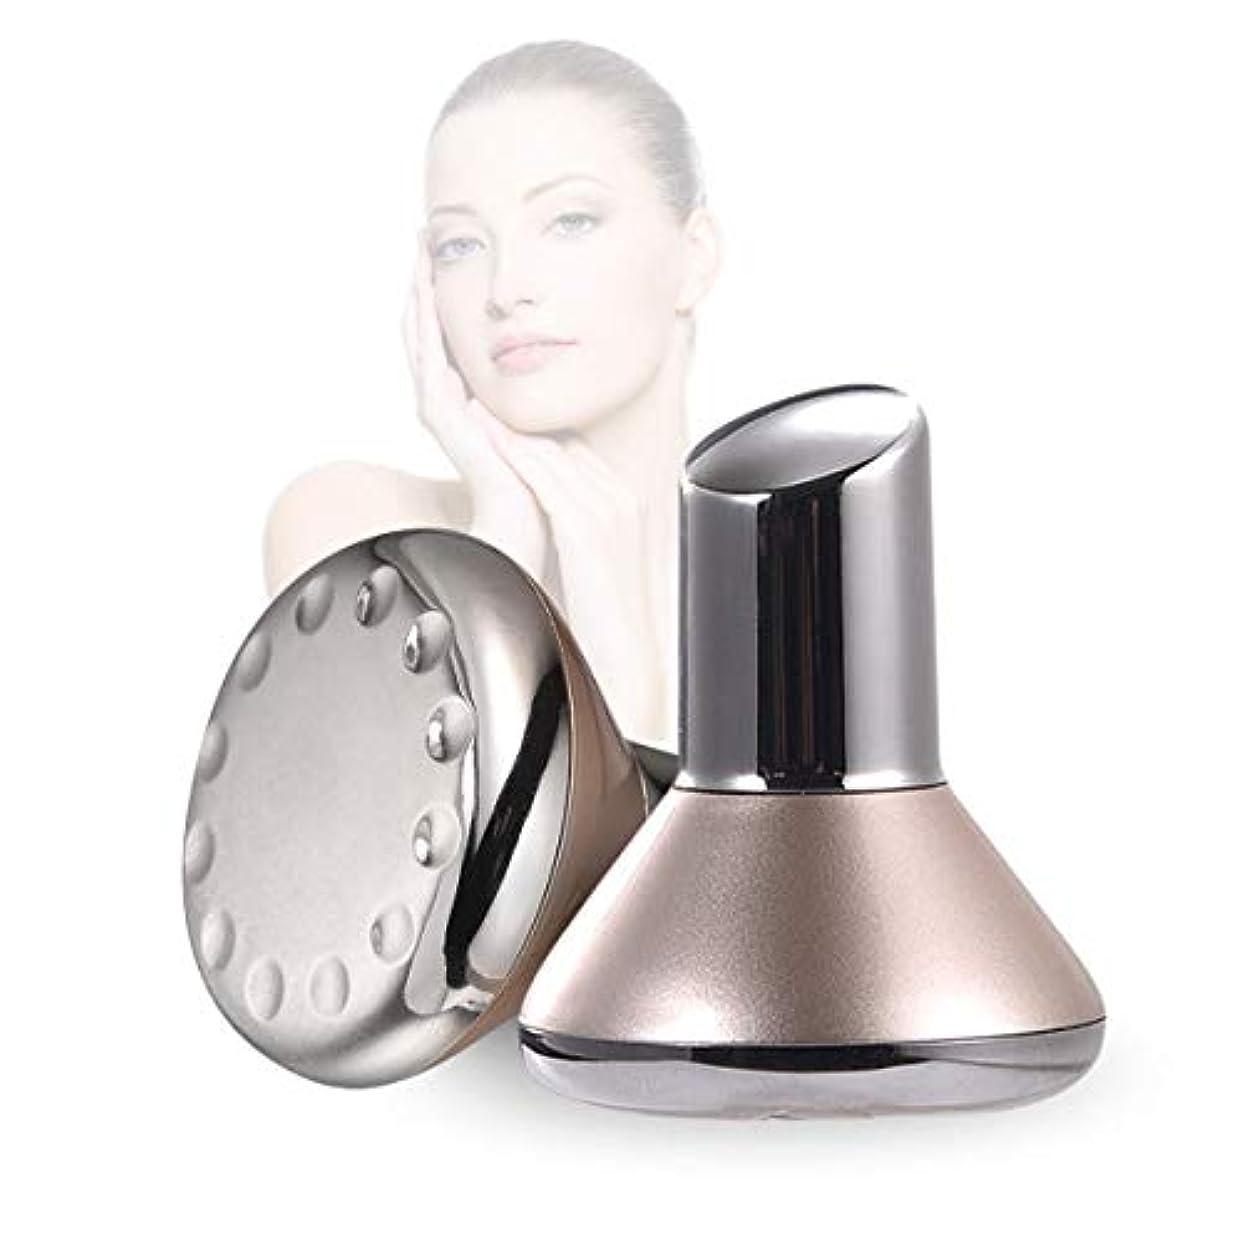 専らチームパドル顔の顔のマッサージ、マイクロ磁気振動高周波が付いている携帯用顔機械 - しわを減らすイオン本質のクリーニングの器械